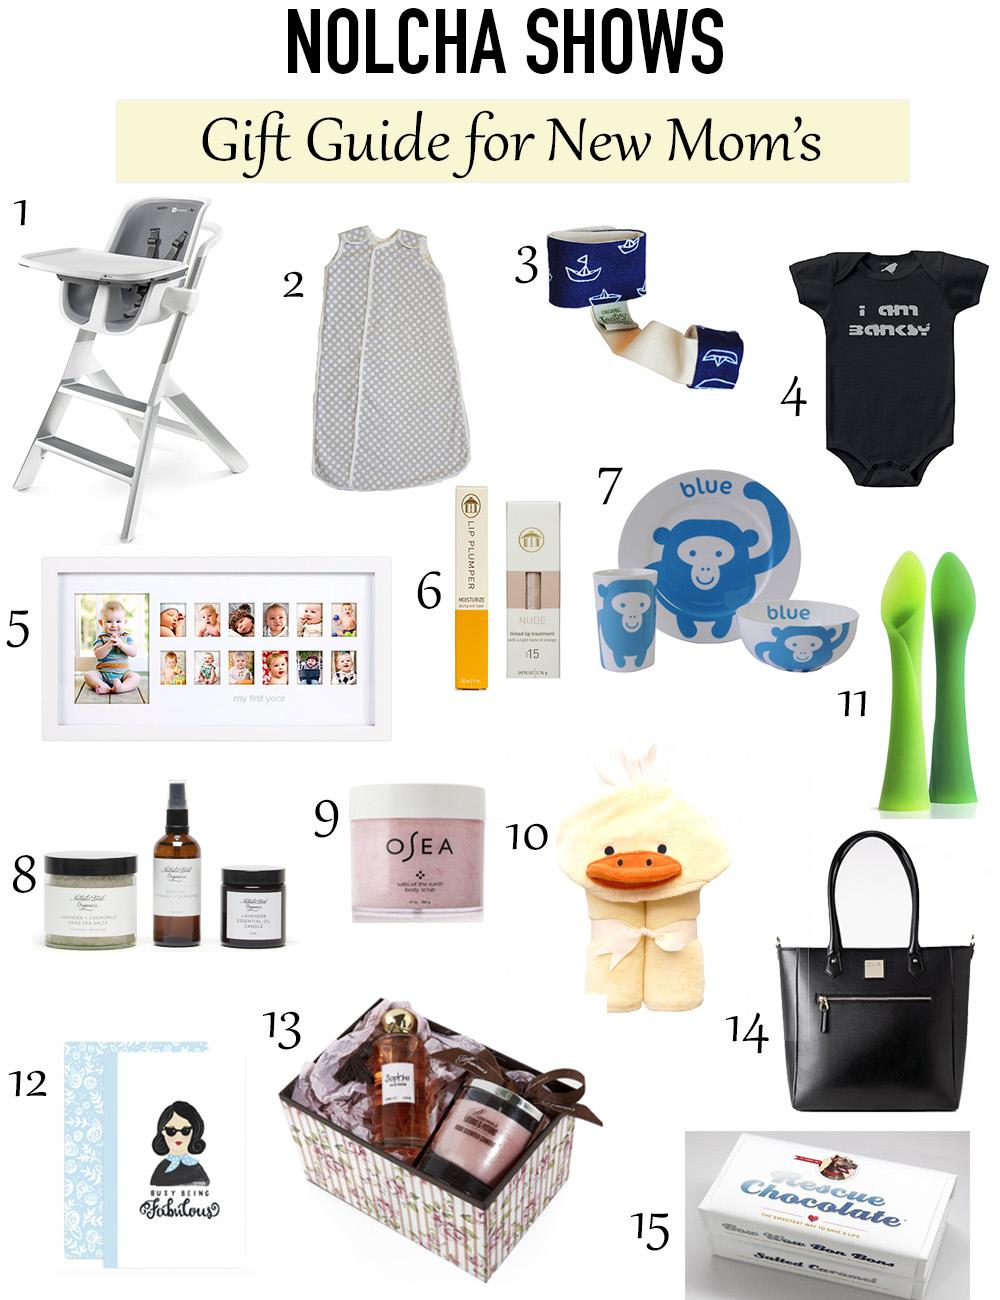 mmh-gift-guide-for-new-moms